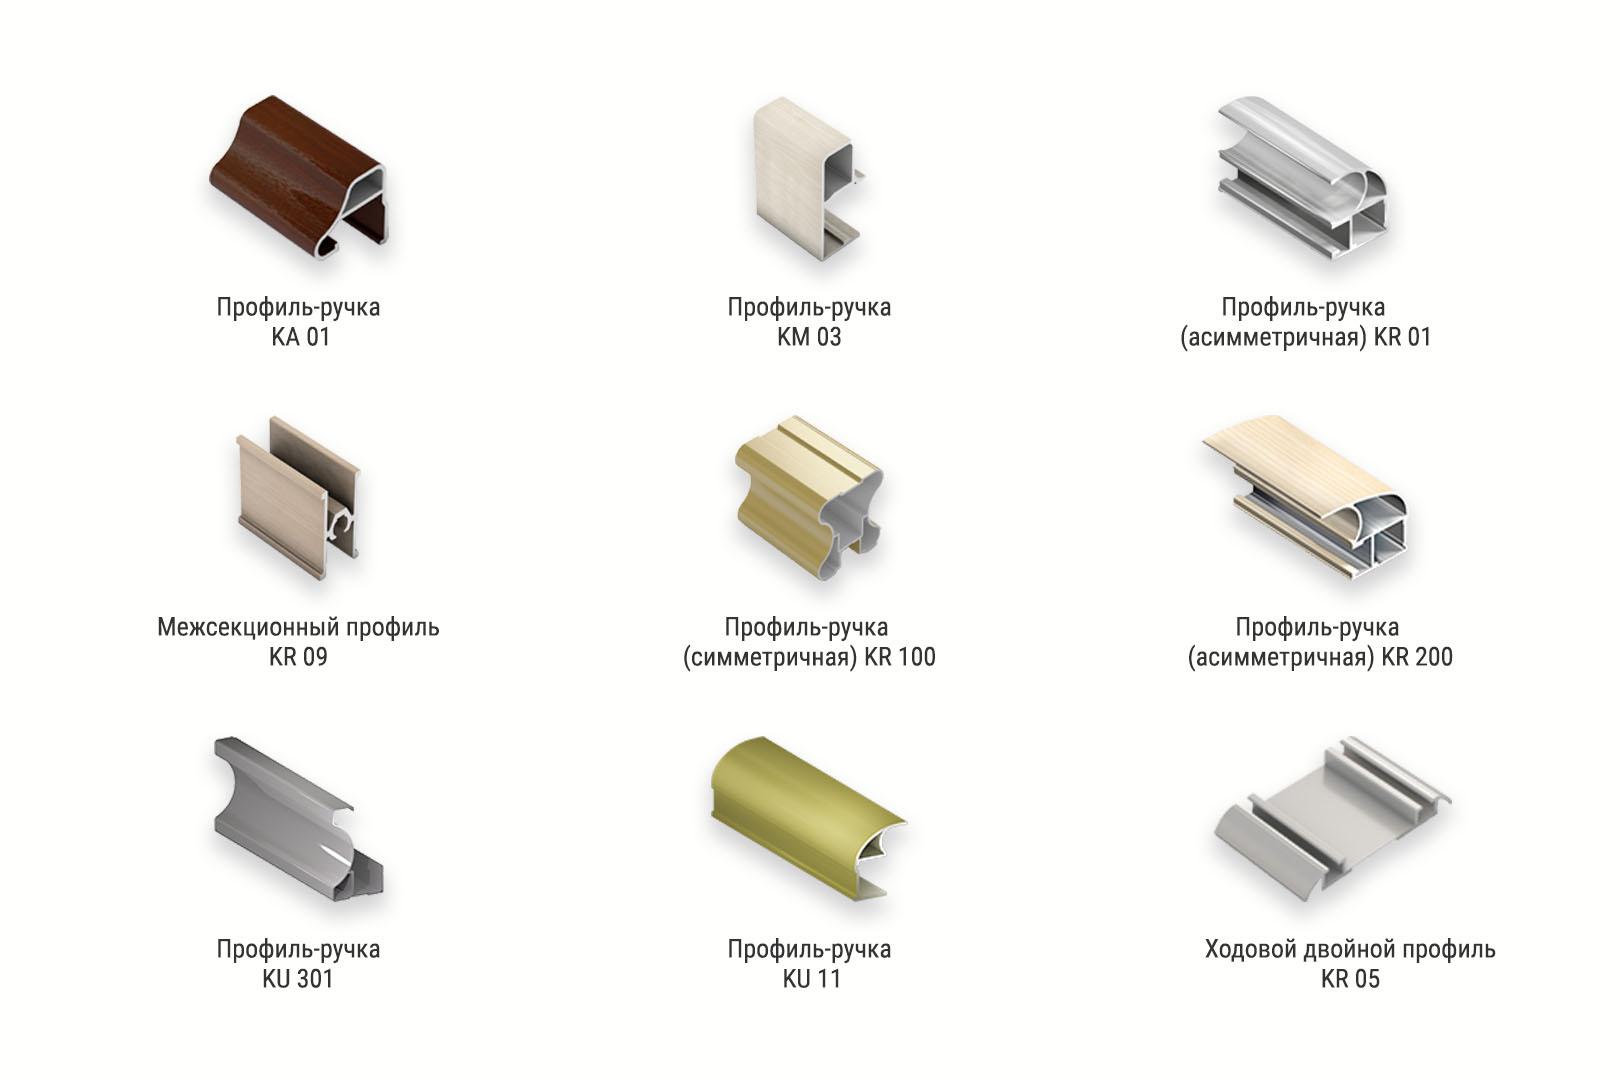 профиль ручки и комплектующие для дверей-купе